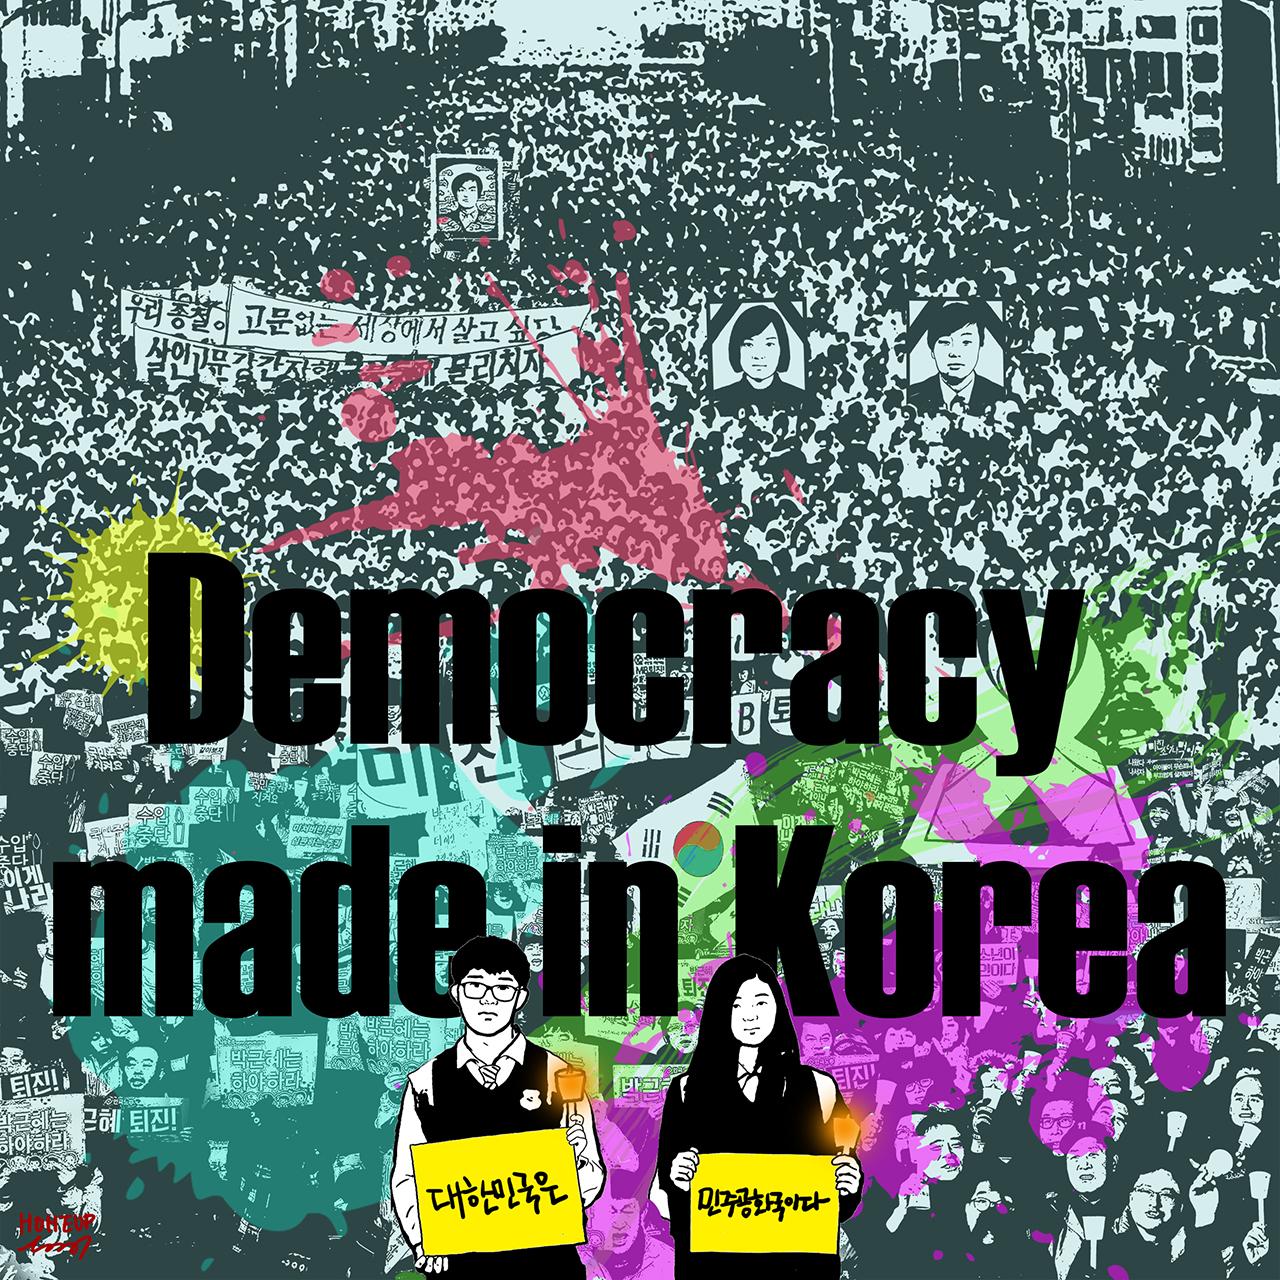 촛불민주주의 - made in Korea '대한민국의 모든 권력은 국민으로부터 나온다'는 대한민국 헌법 제 1조를 무시하고 있는 대통령이 아직 청와대에 있습니다. 그러나 결국 국민이 승리할 것이며, '촛불 민주주의'는 세계인들에게 존경 받을 만한 투쟁으로 기억될 것입니다.